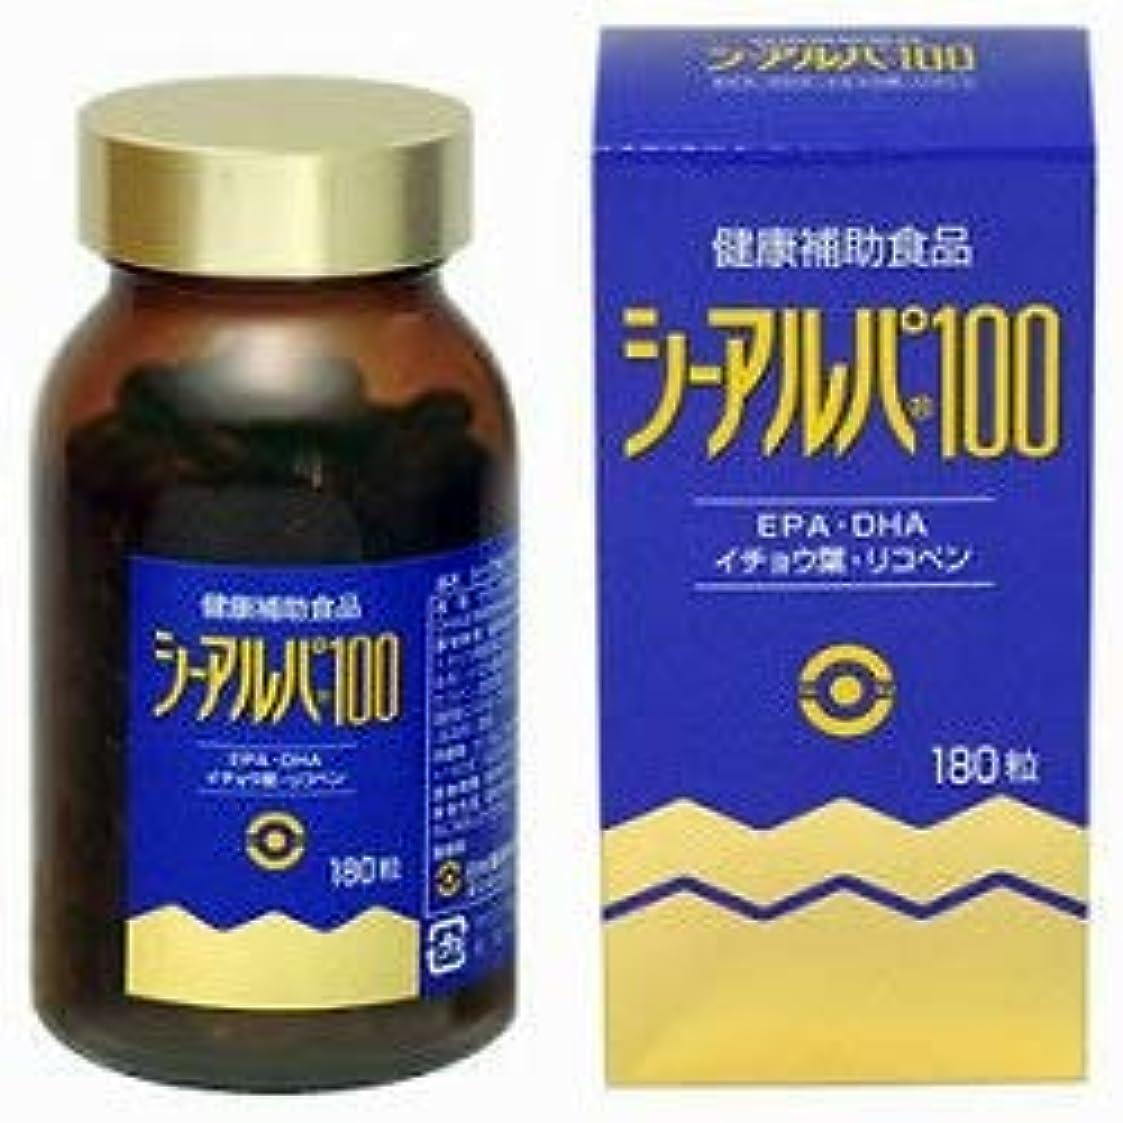 リーチ狼権限を与える【日水製薬】シーアルパ100 180粒